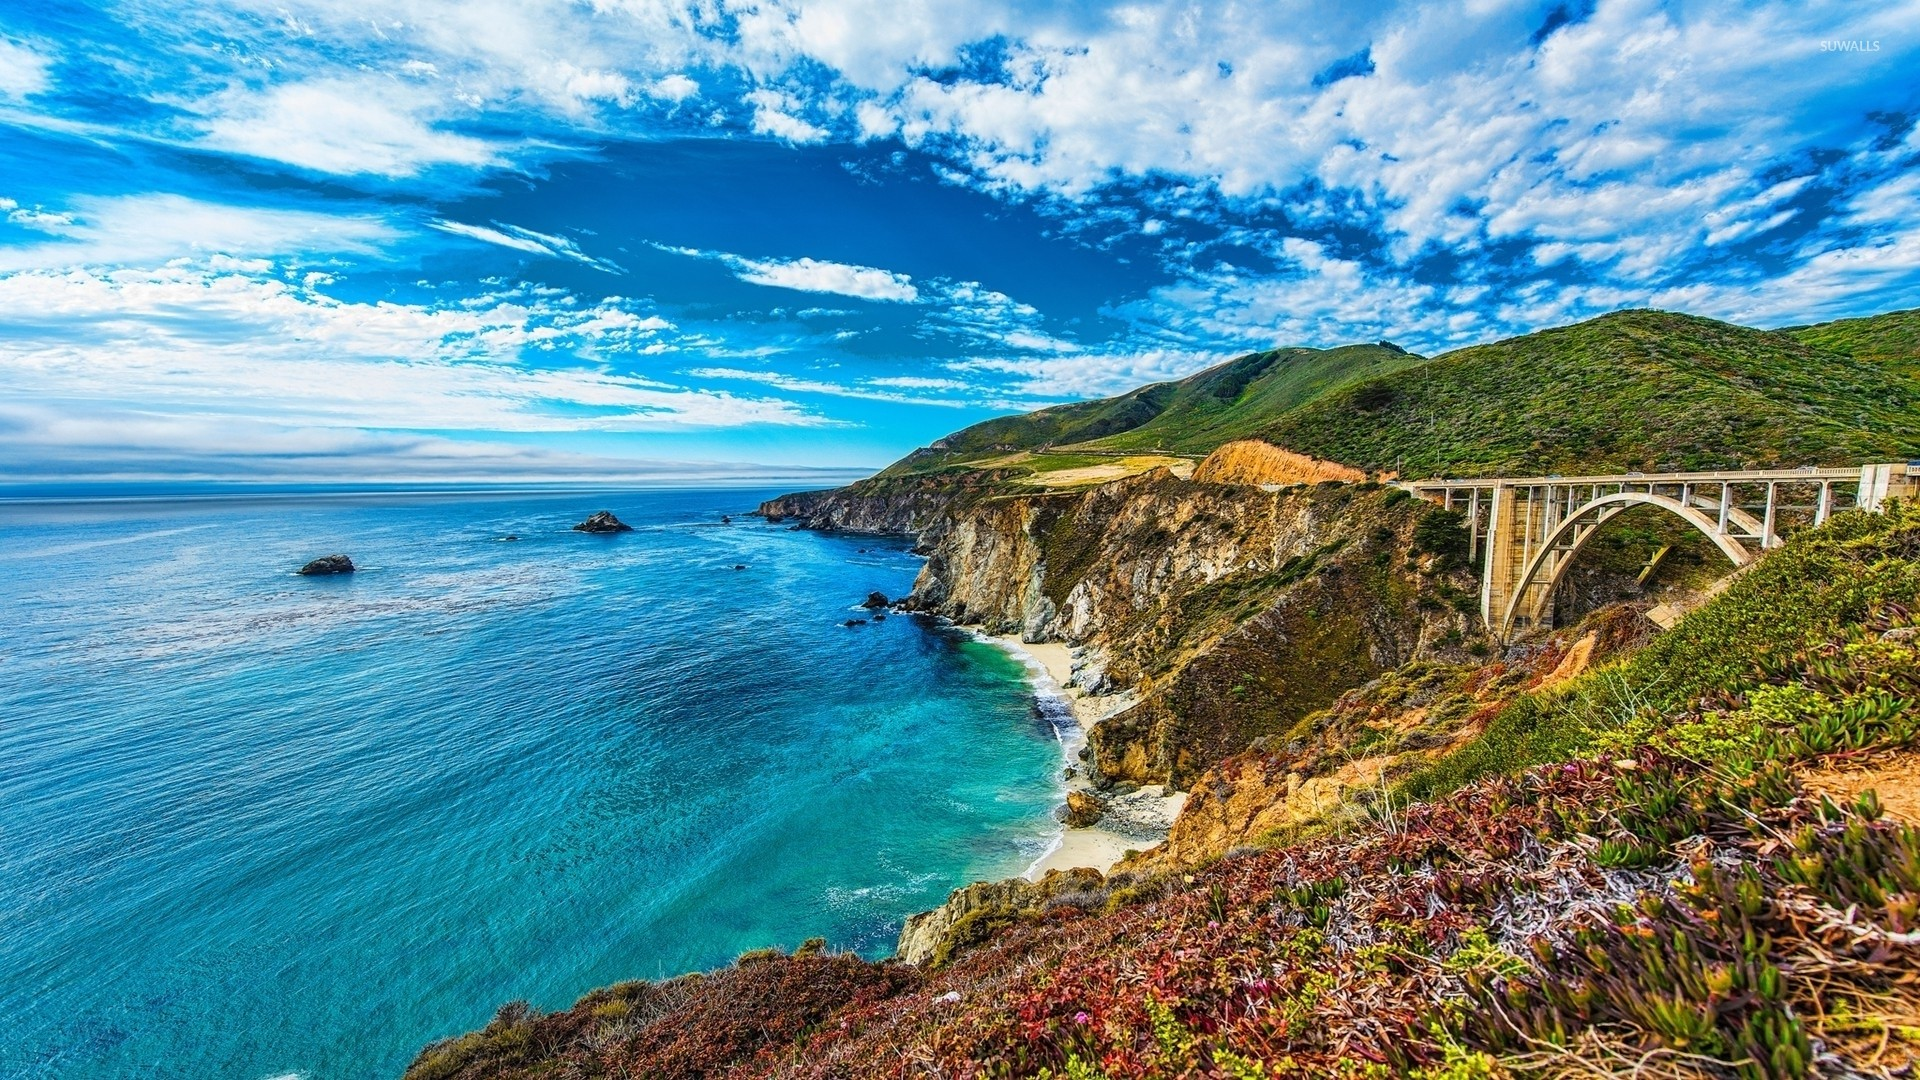 Big Sur Wallpaper 49 Images